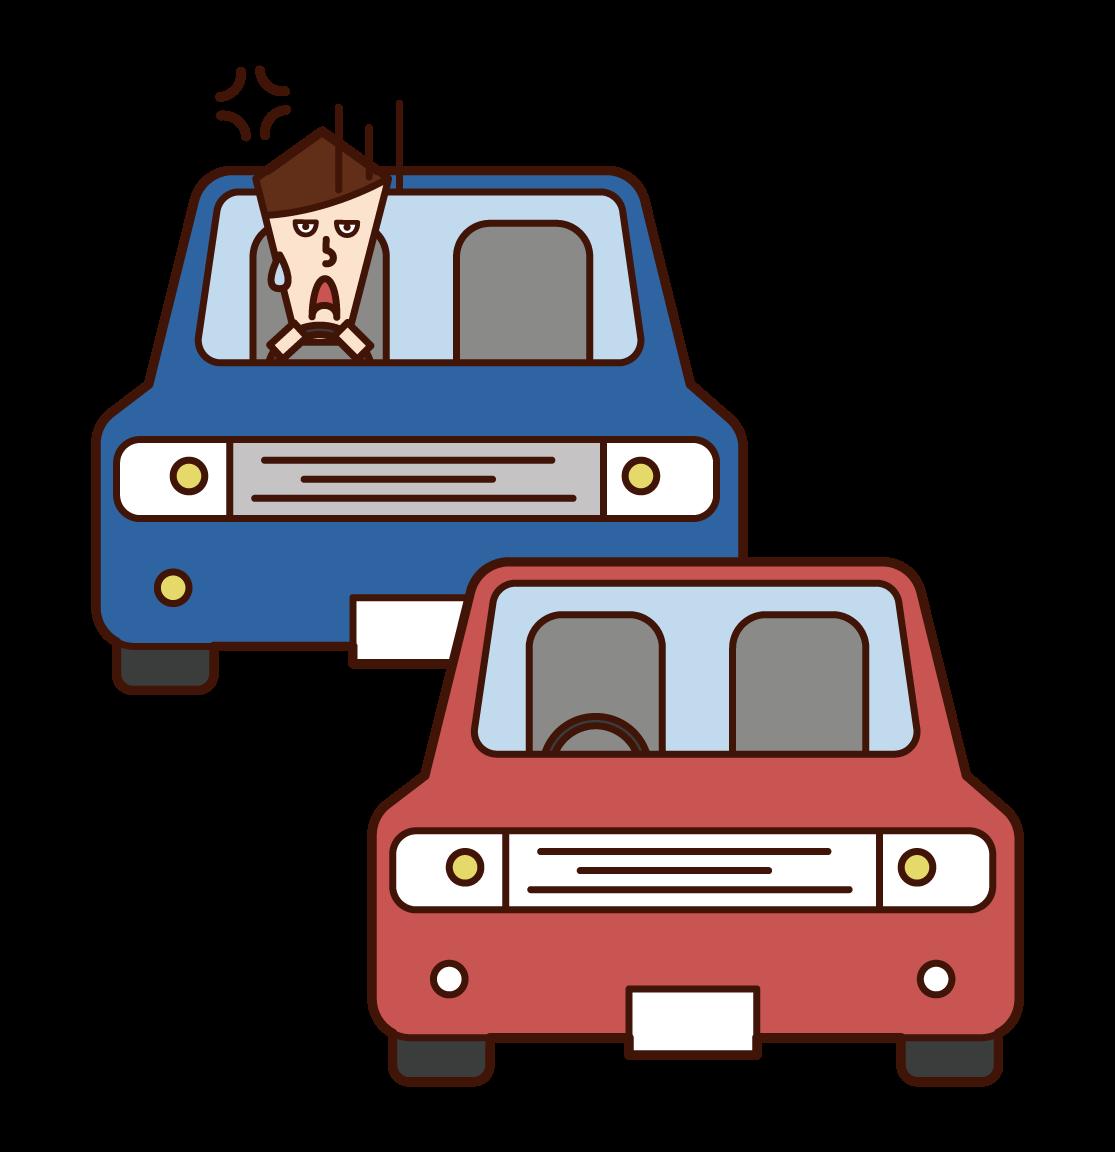 불법 및 쓰레기 주차의 그림